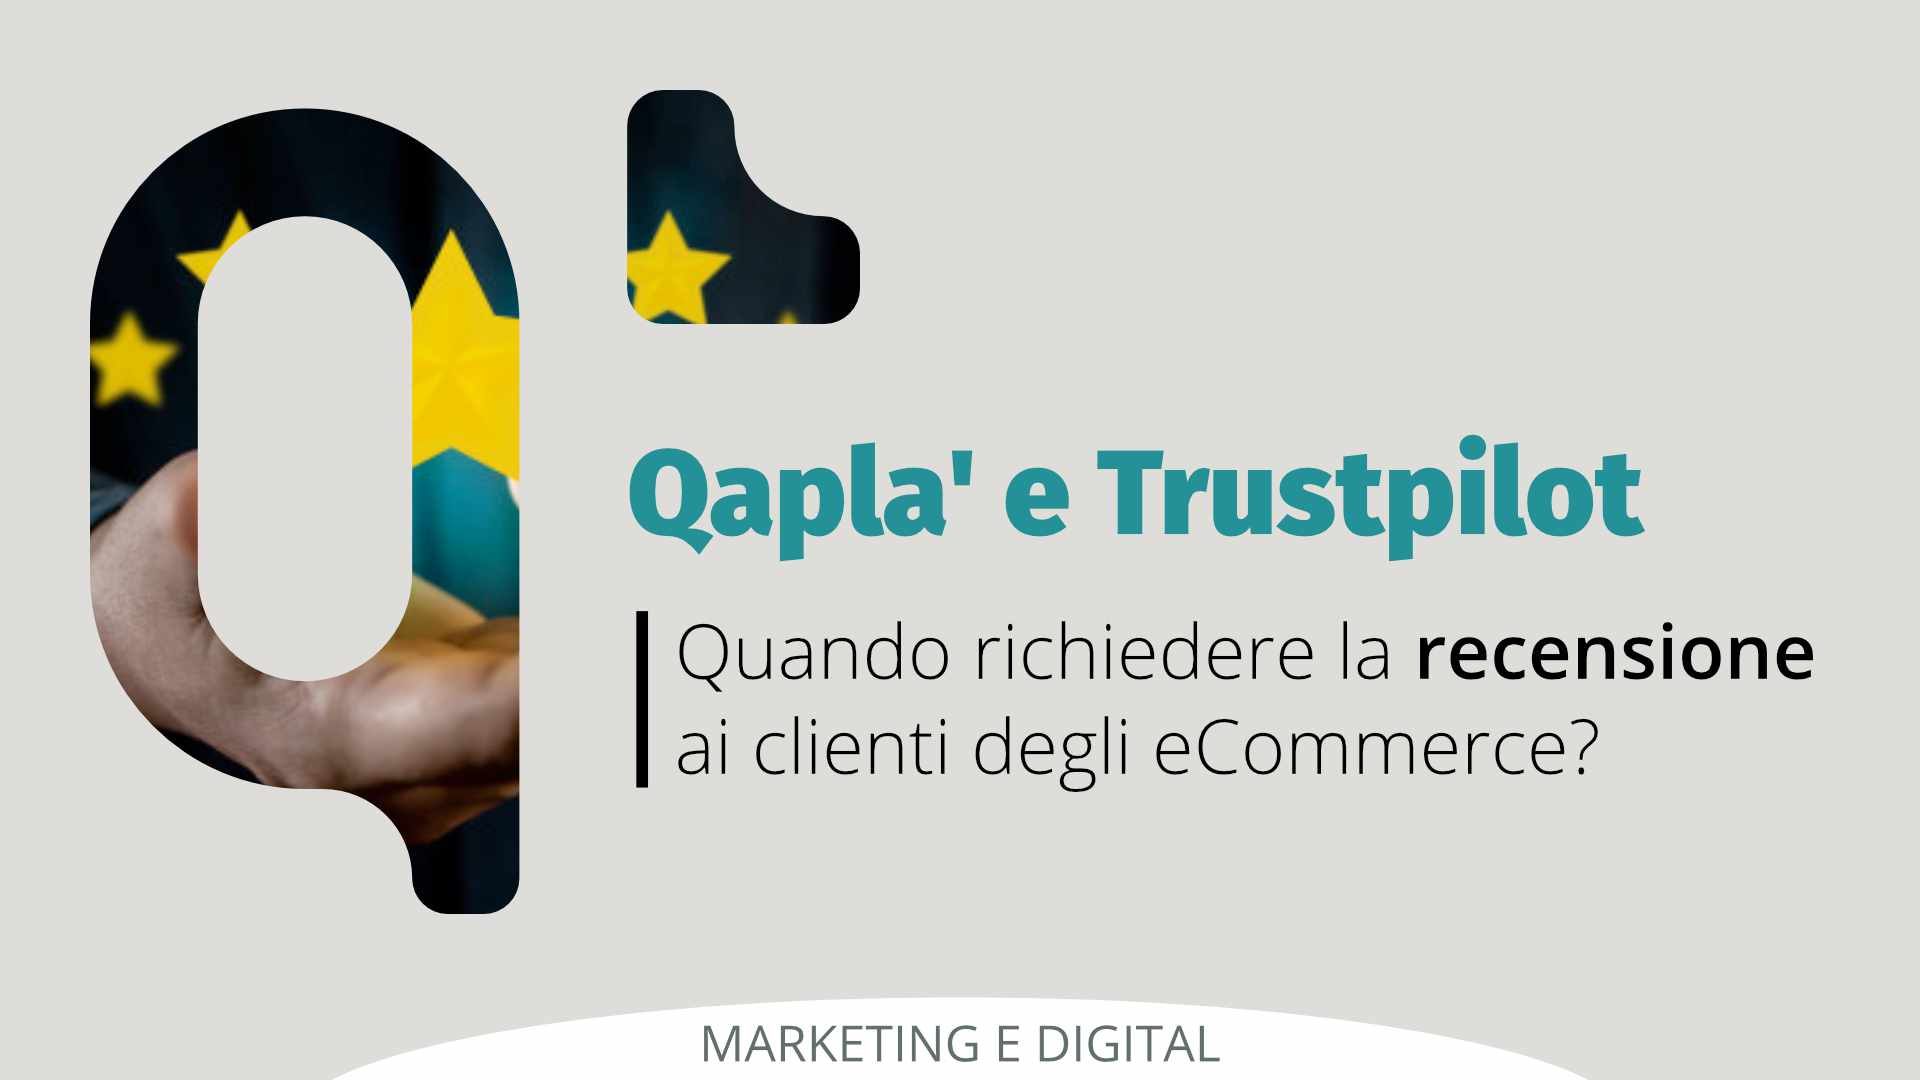 Quando richiedere la recensione ai clienti degli eCommerce? L'utilizzo combinato di Qapla' e Trustpilot